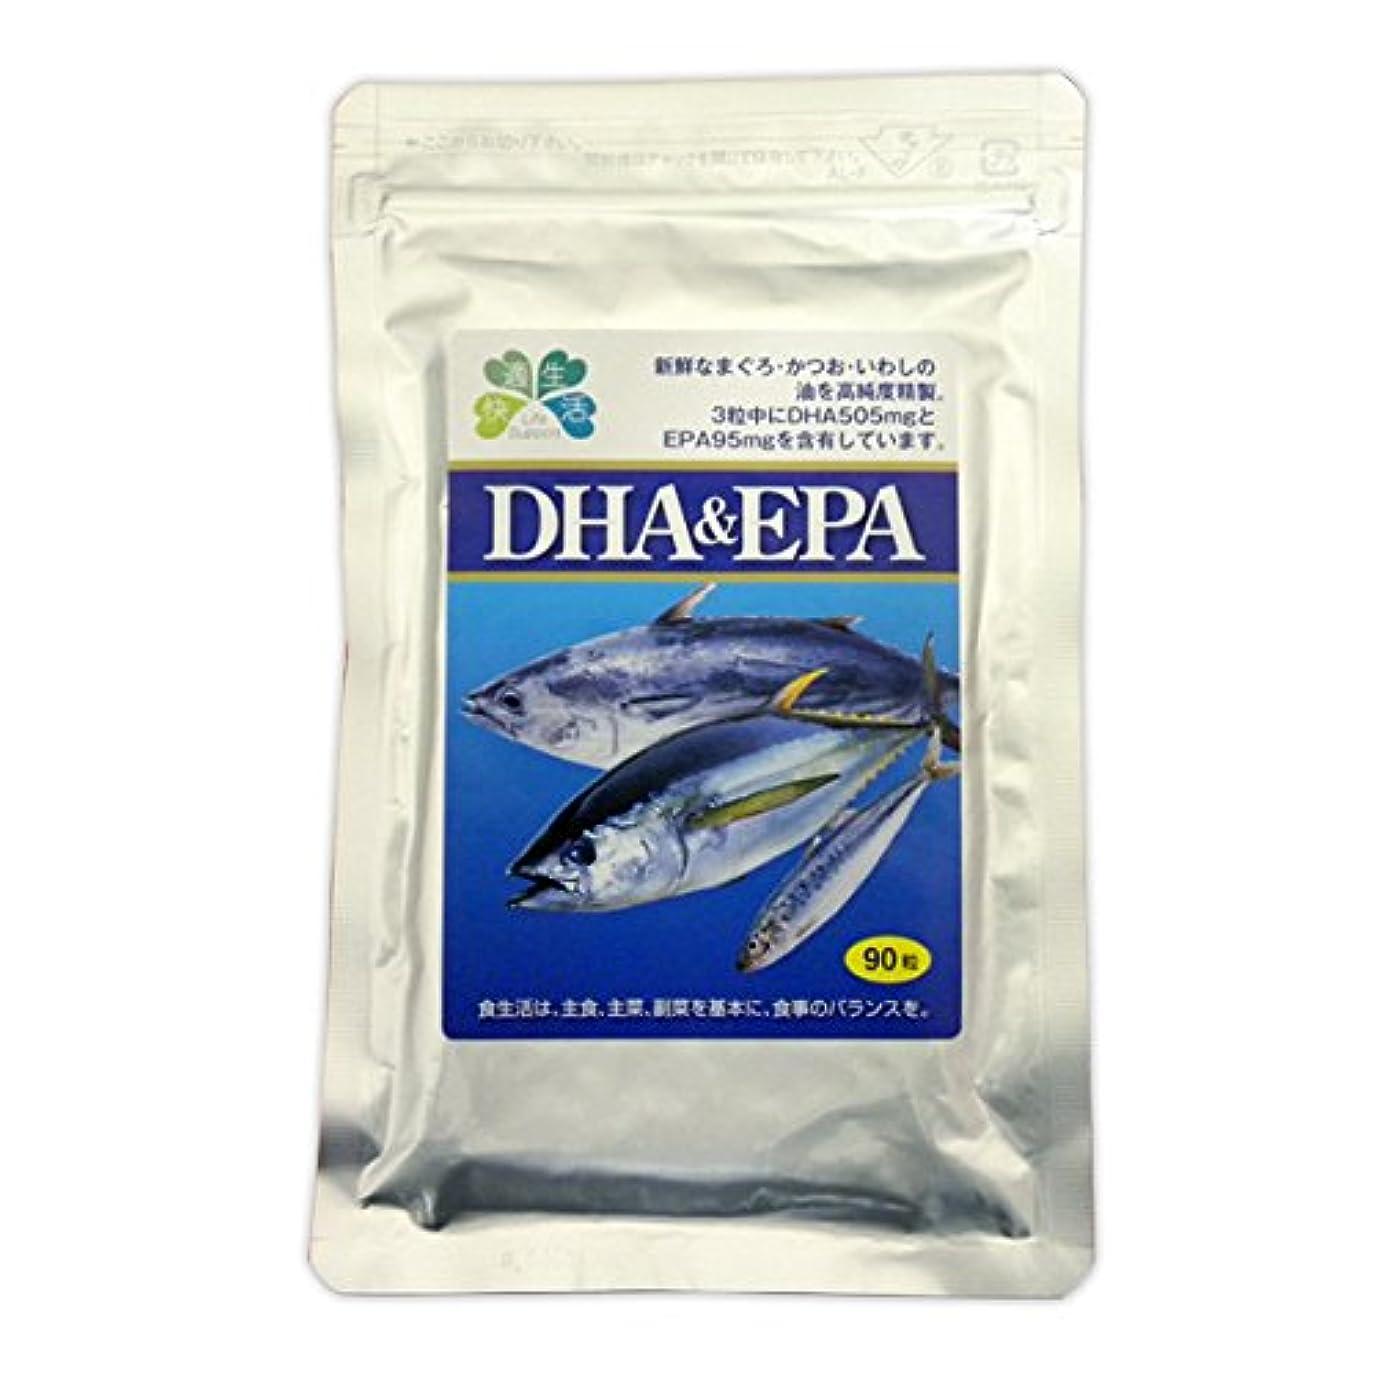 同時来てセットアップ快適生活 DHA&EPA 4袋